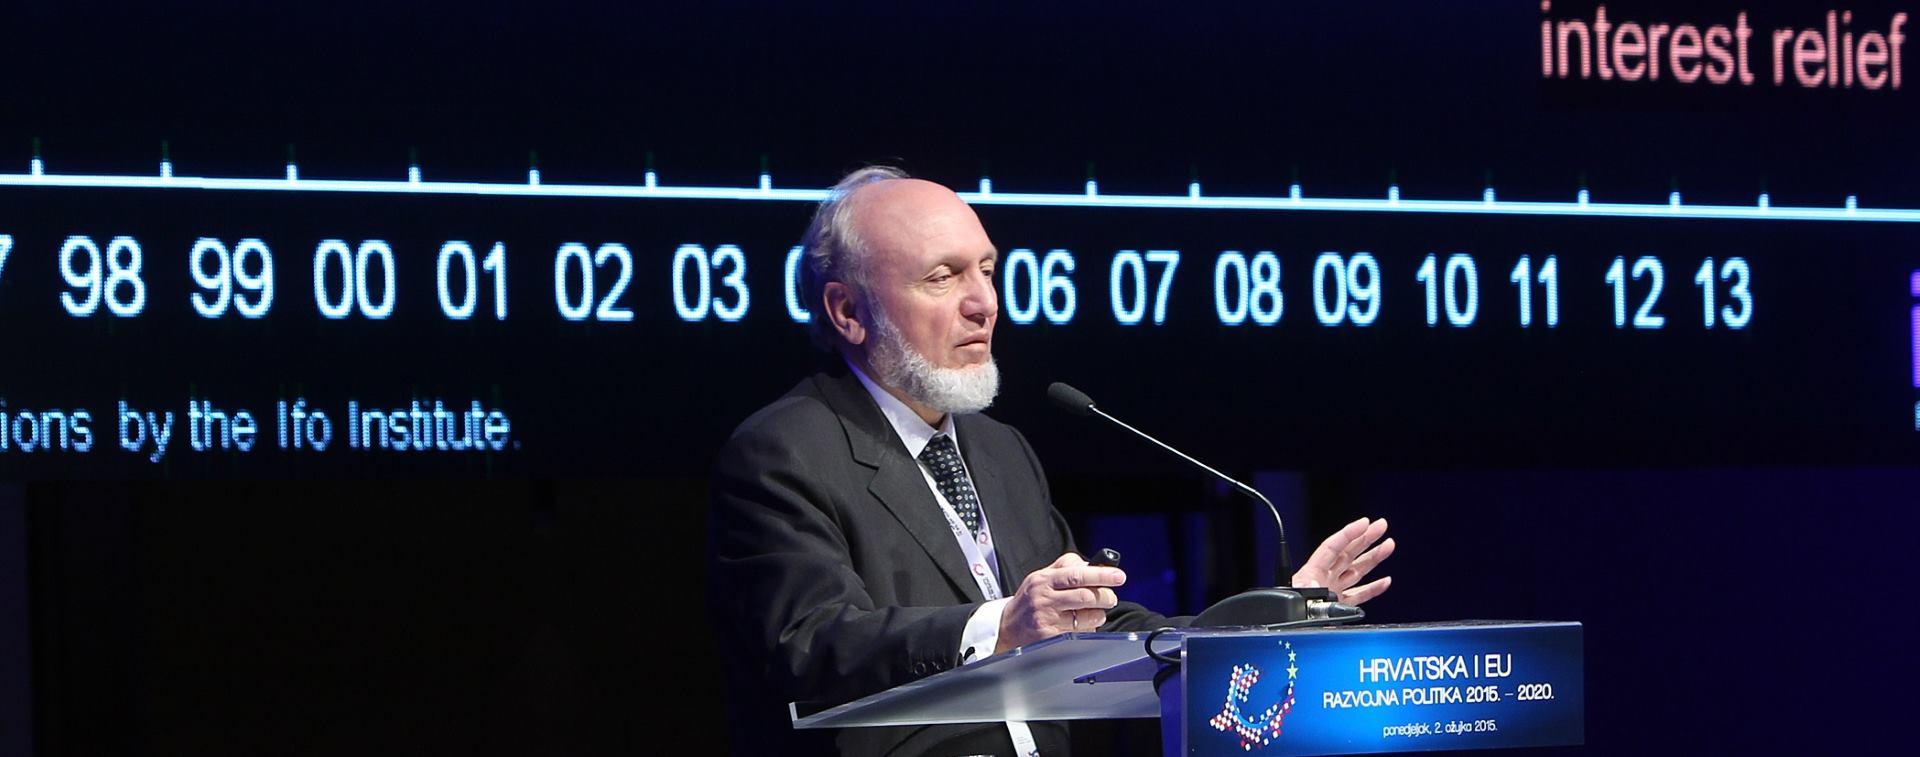 'Nijemci neće HDZ-u donijeti čarobna rješenja nego promjenu sustava'